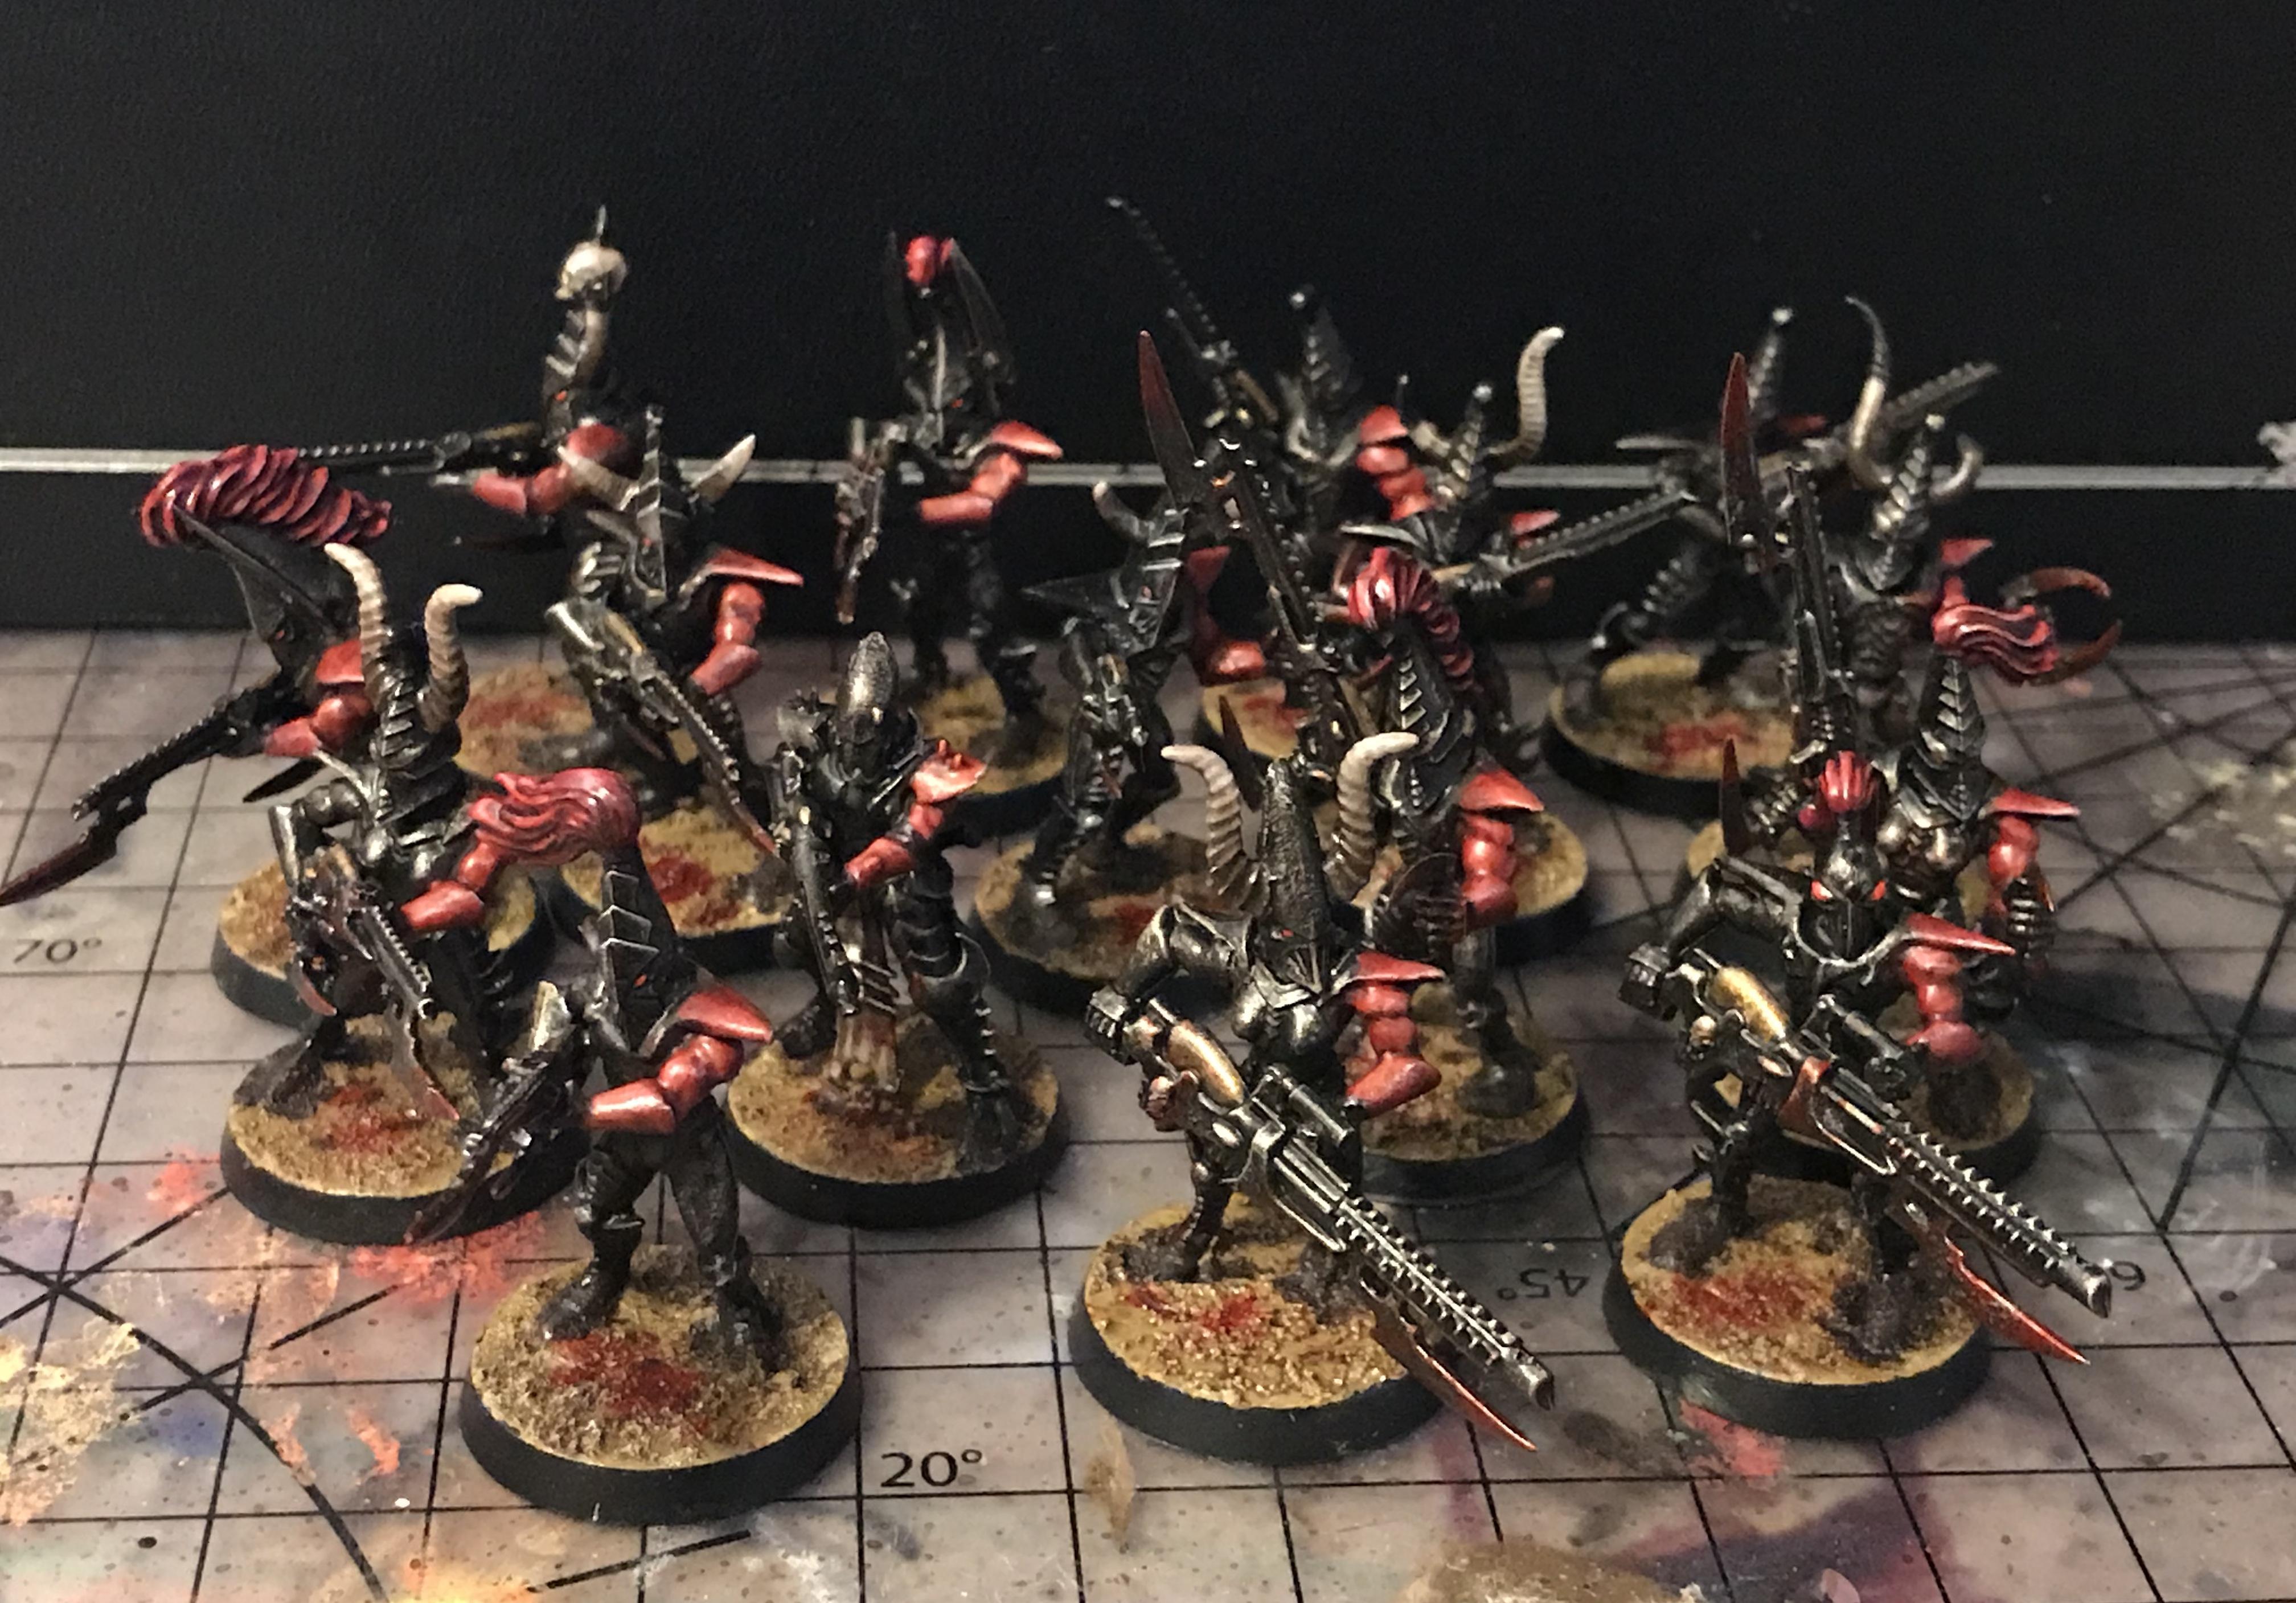 Battle, Colour Scheme, Corsairs, Dark, Darkness, Drukhari, Eldar, Elves, Grim, Horrors, Kabal, Kabalite, Raiders, Realspace, Red, Striking, Warhammer 40,000, Warhammer Fantasy, Warriors